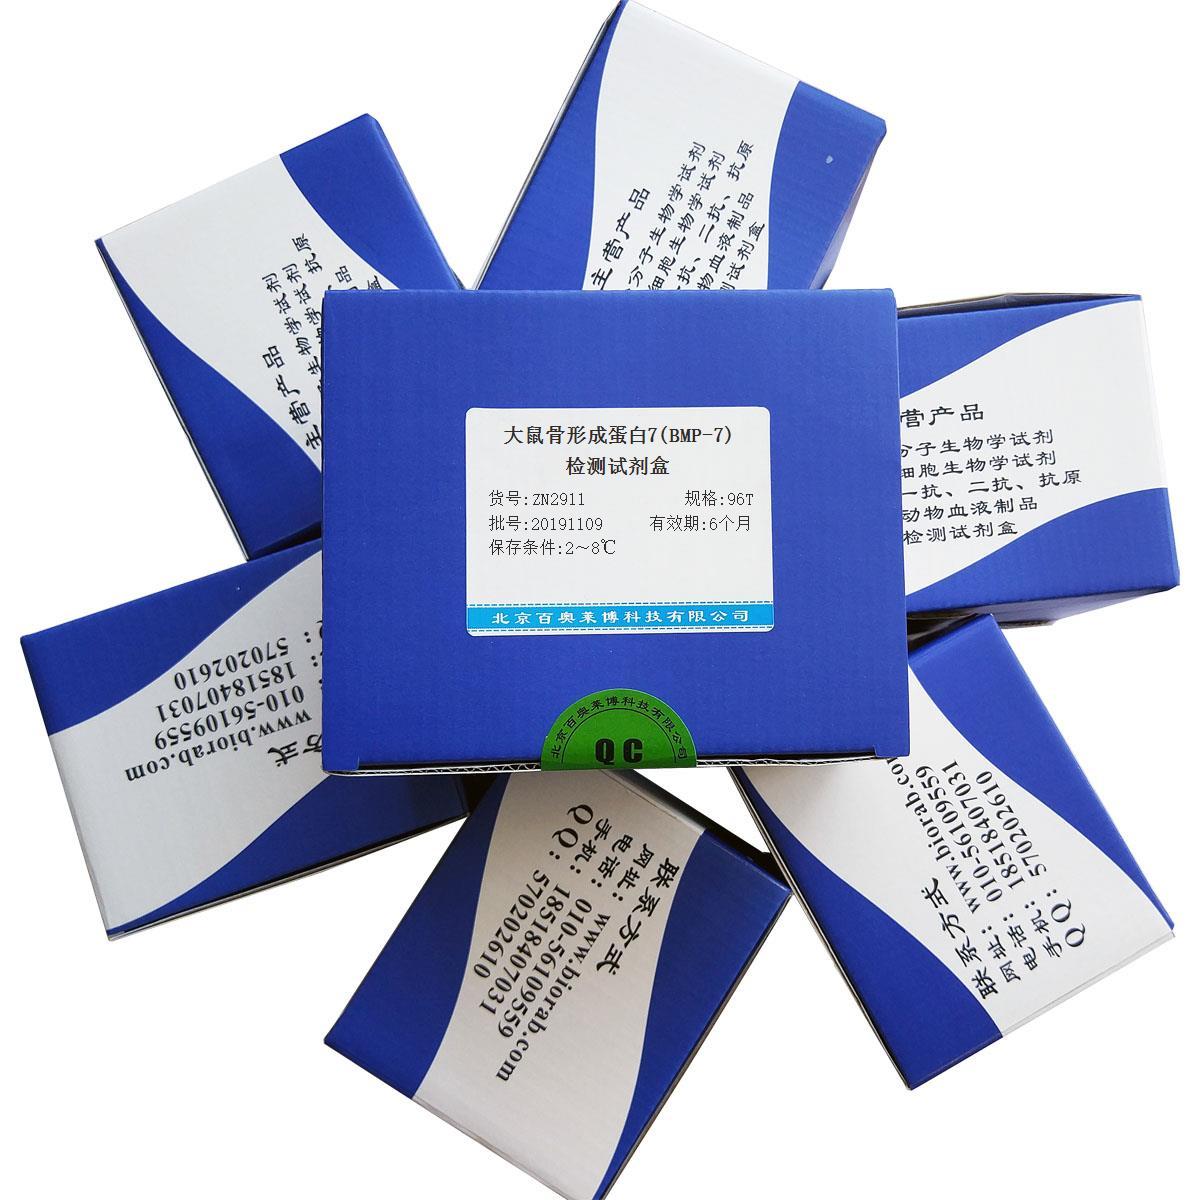 大鼠骨形成蛋白7(BMP-7)检测试剂盒